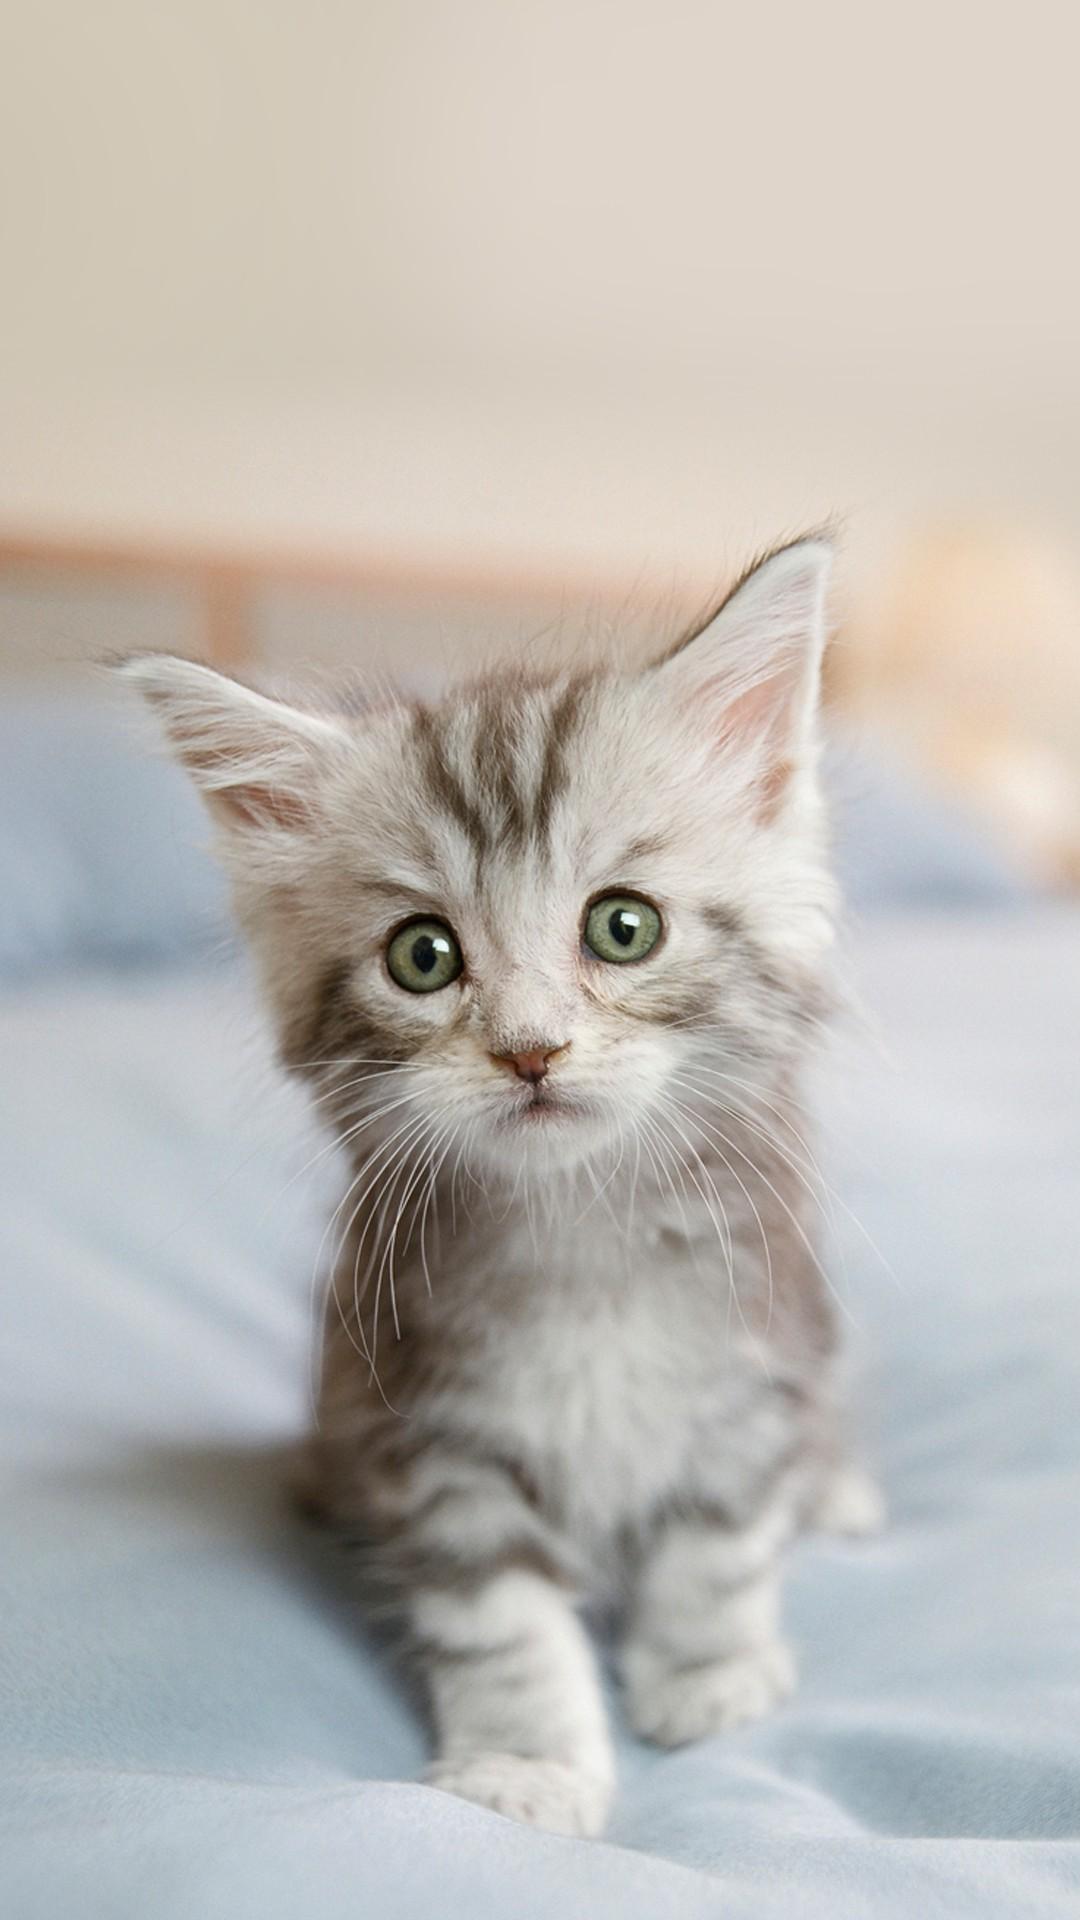 【手机壁纸分享】萌萌的小猫咪